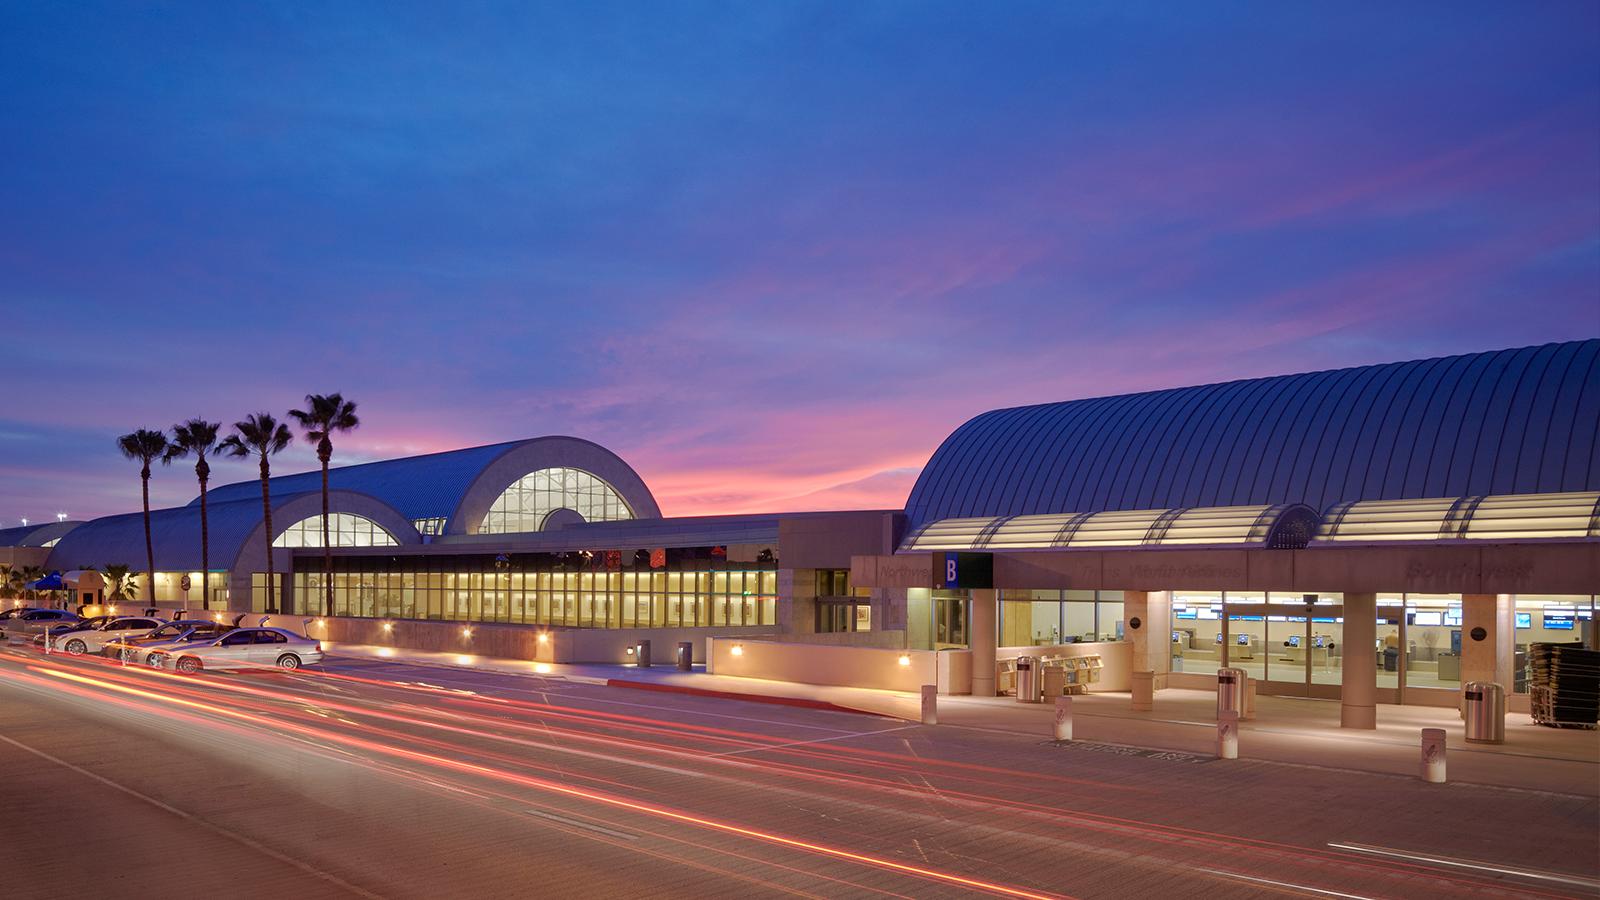 John Wayne Airport - Santa Ana, Calif.